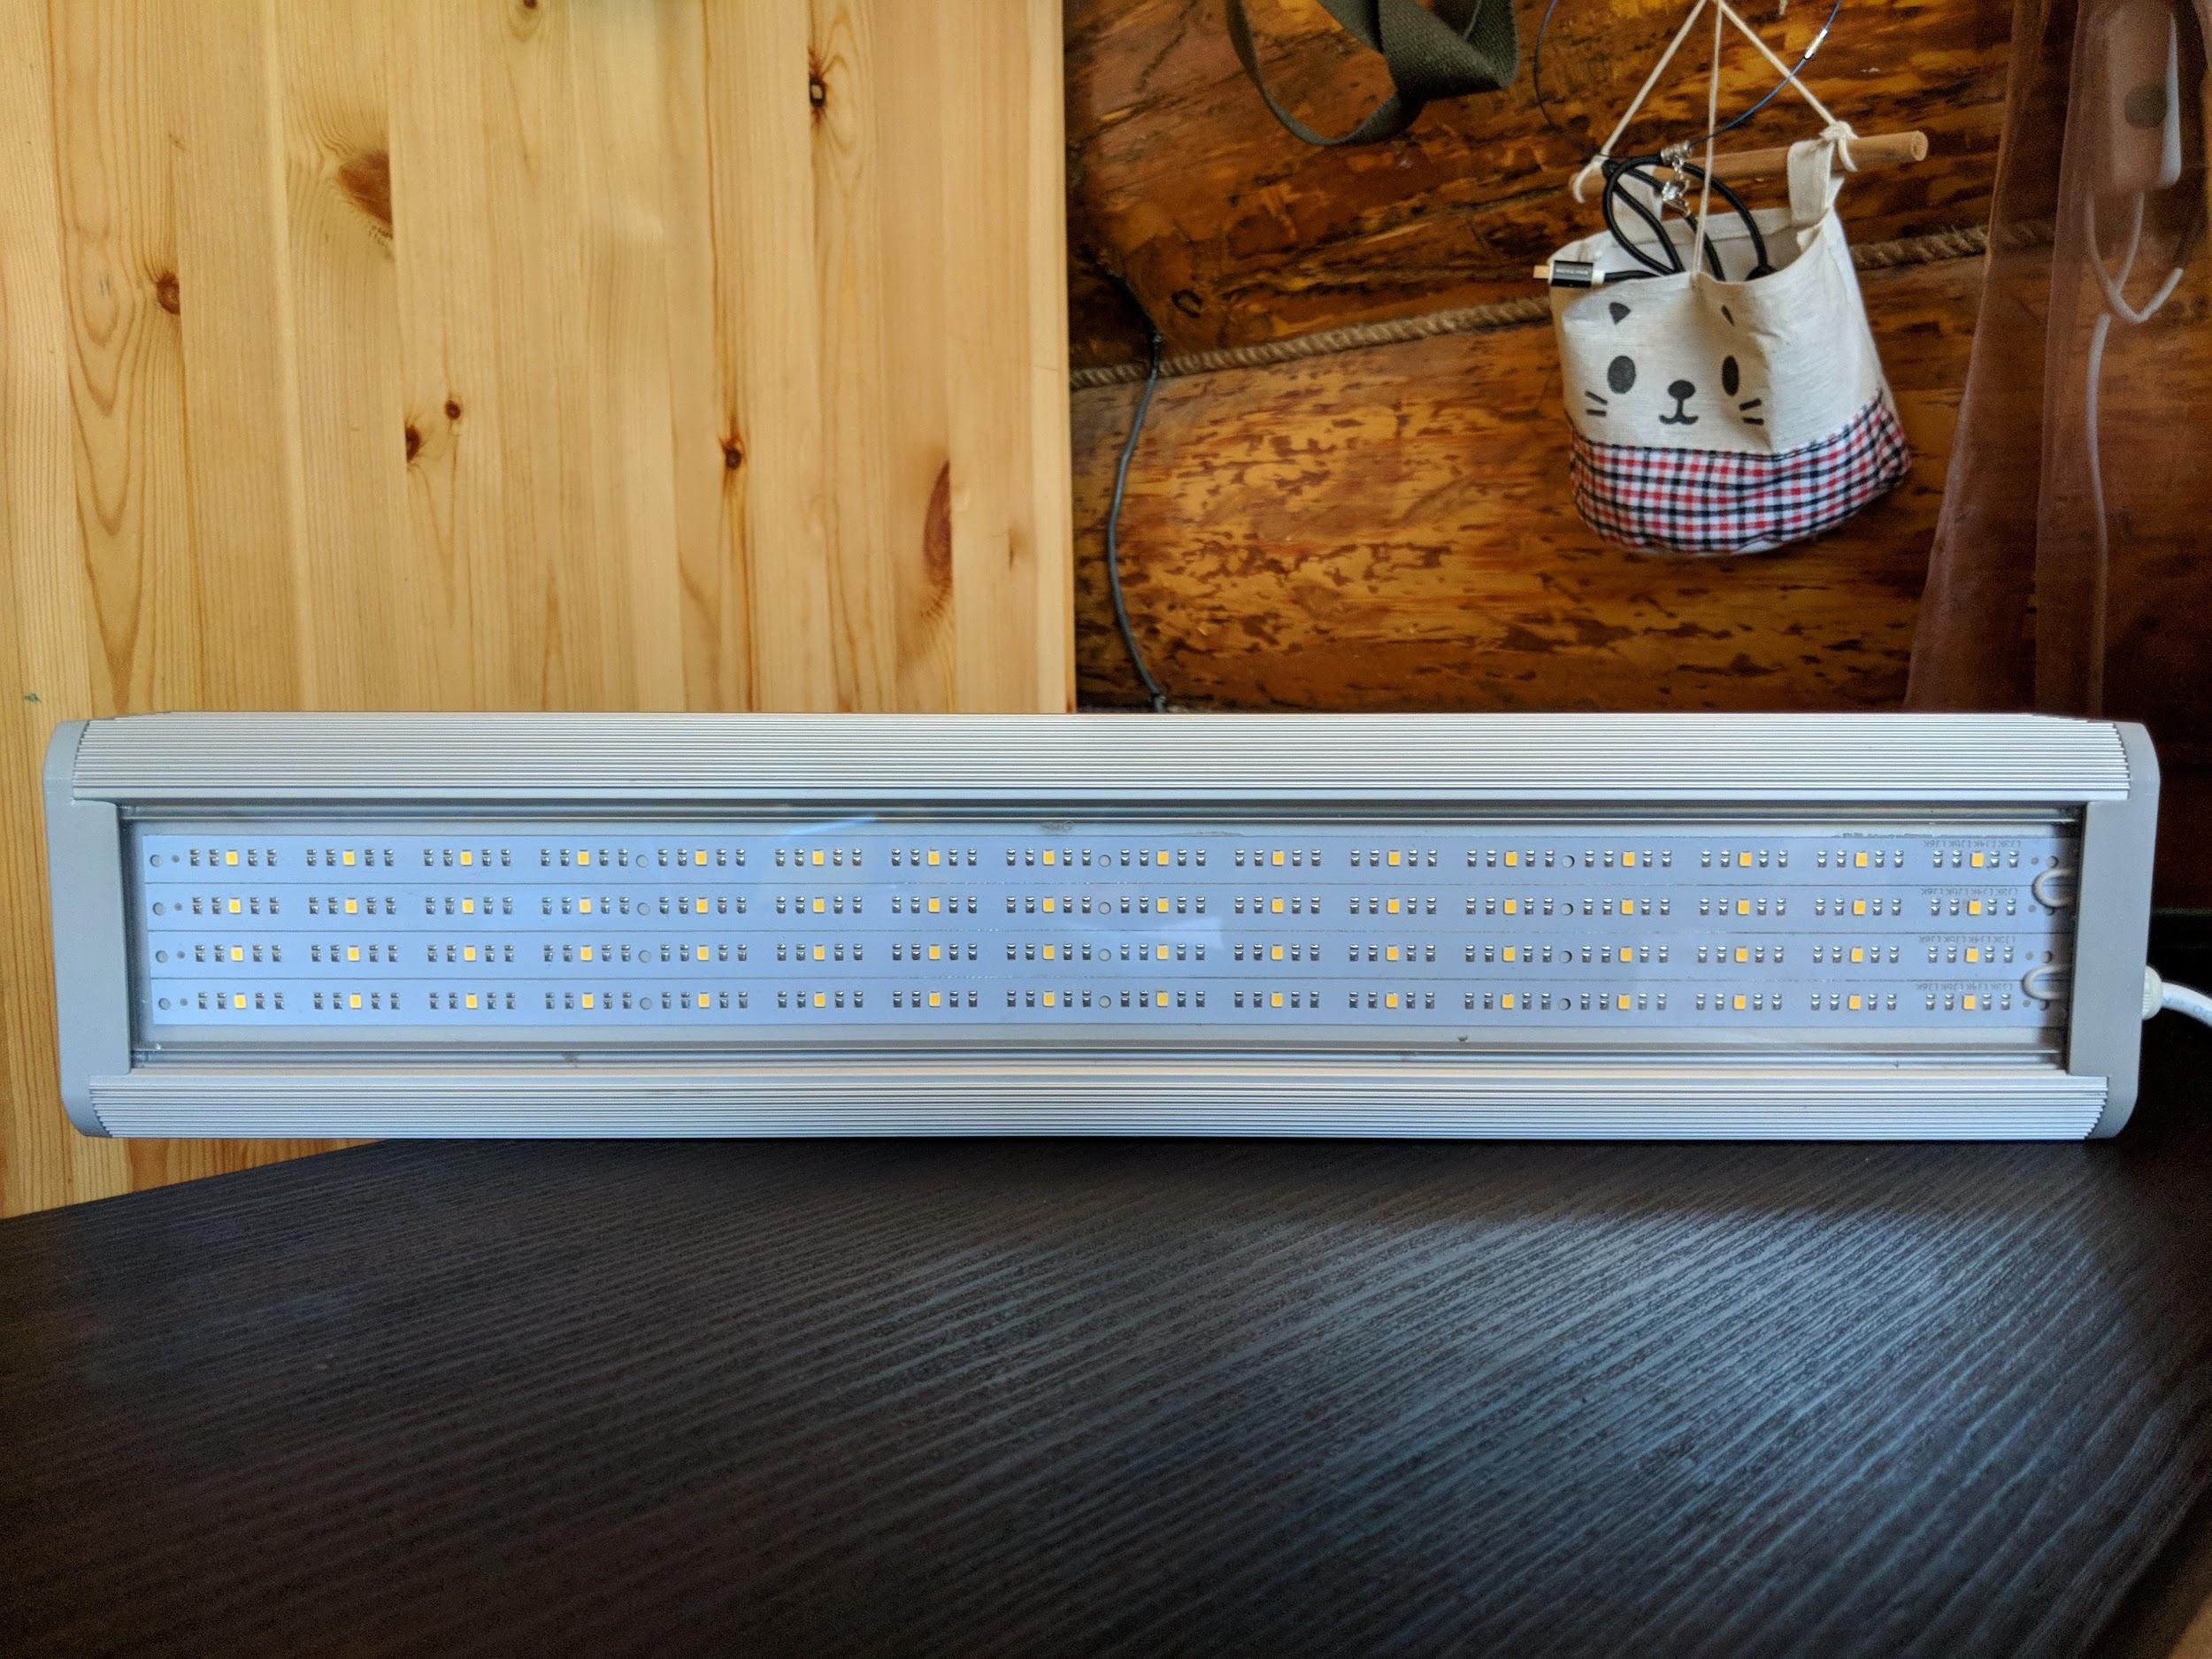 Промышленные светильники от отечественного производителя Эффест с хорошим индексом цветопередачи - 8